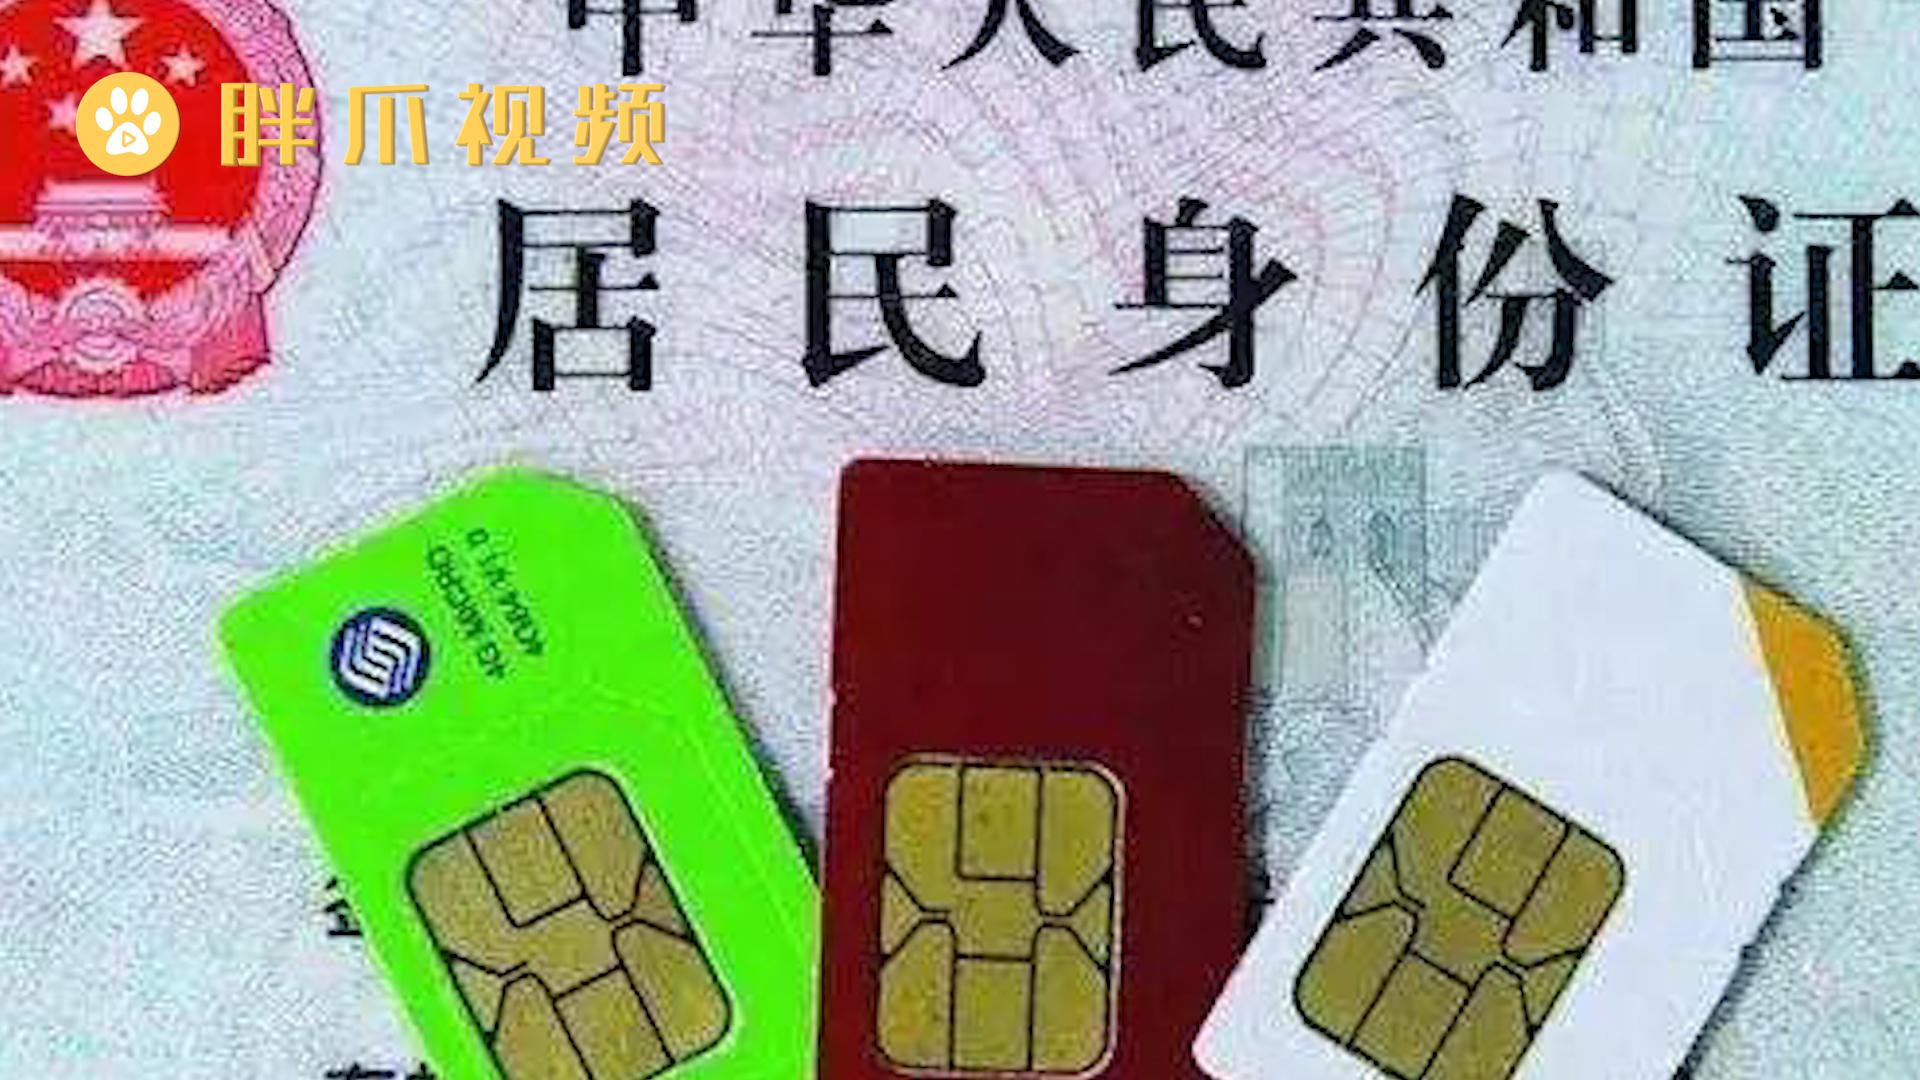 一个身份证可以办几张手机卡(1)